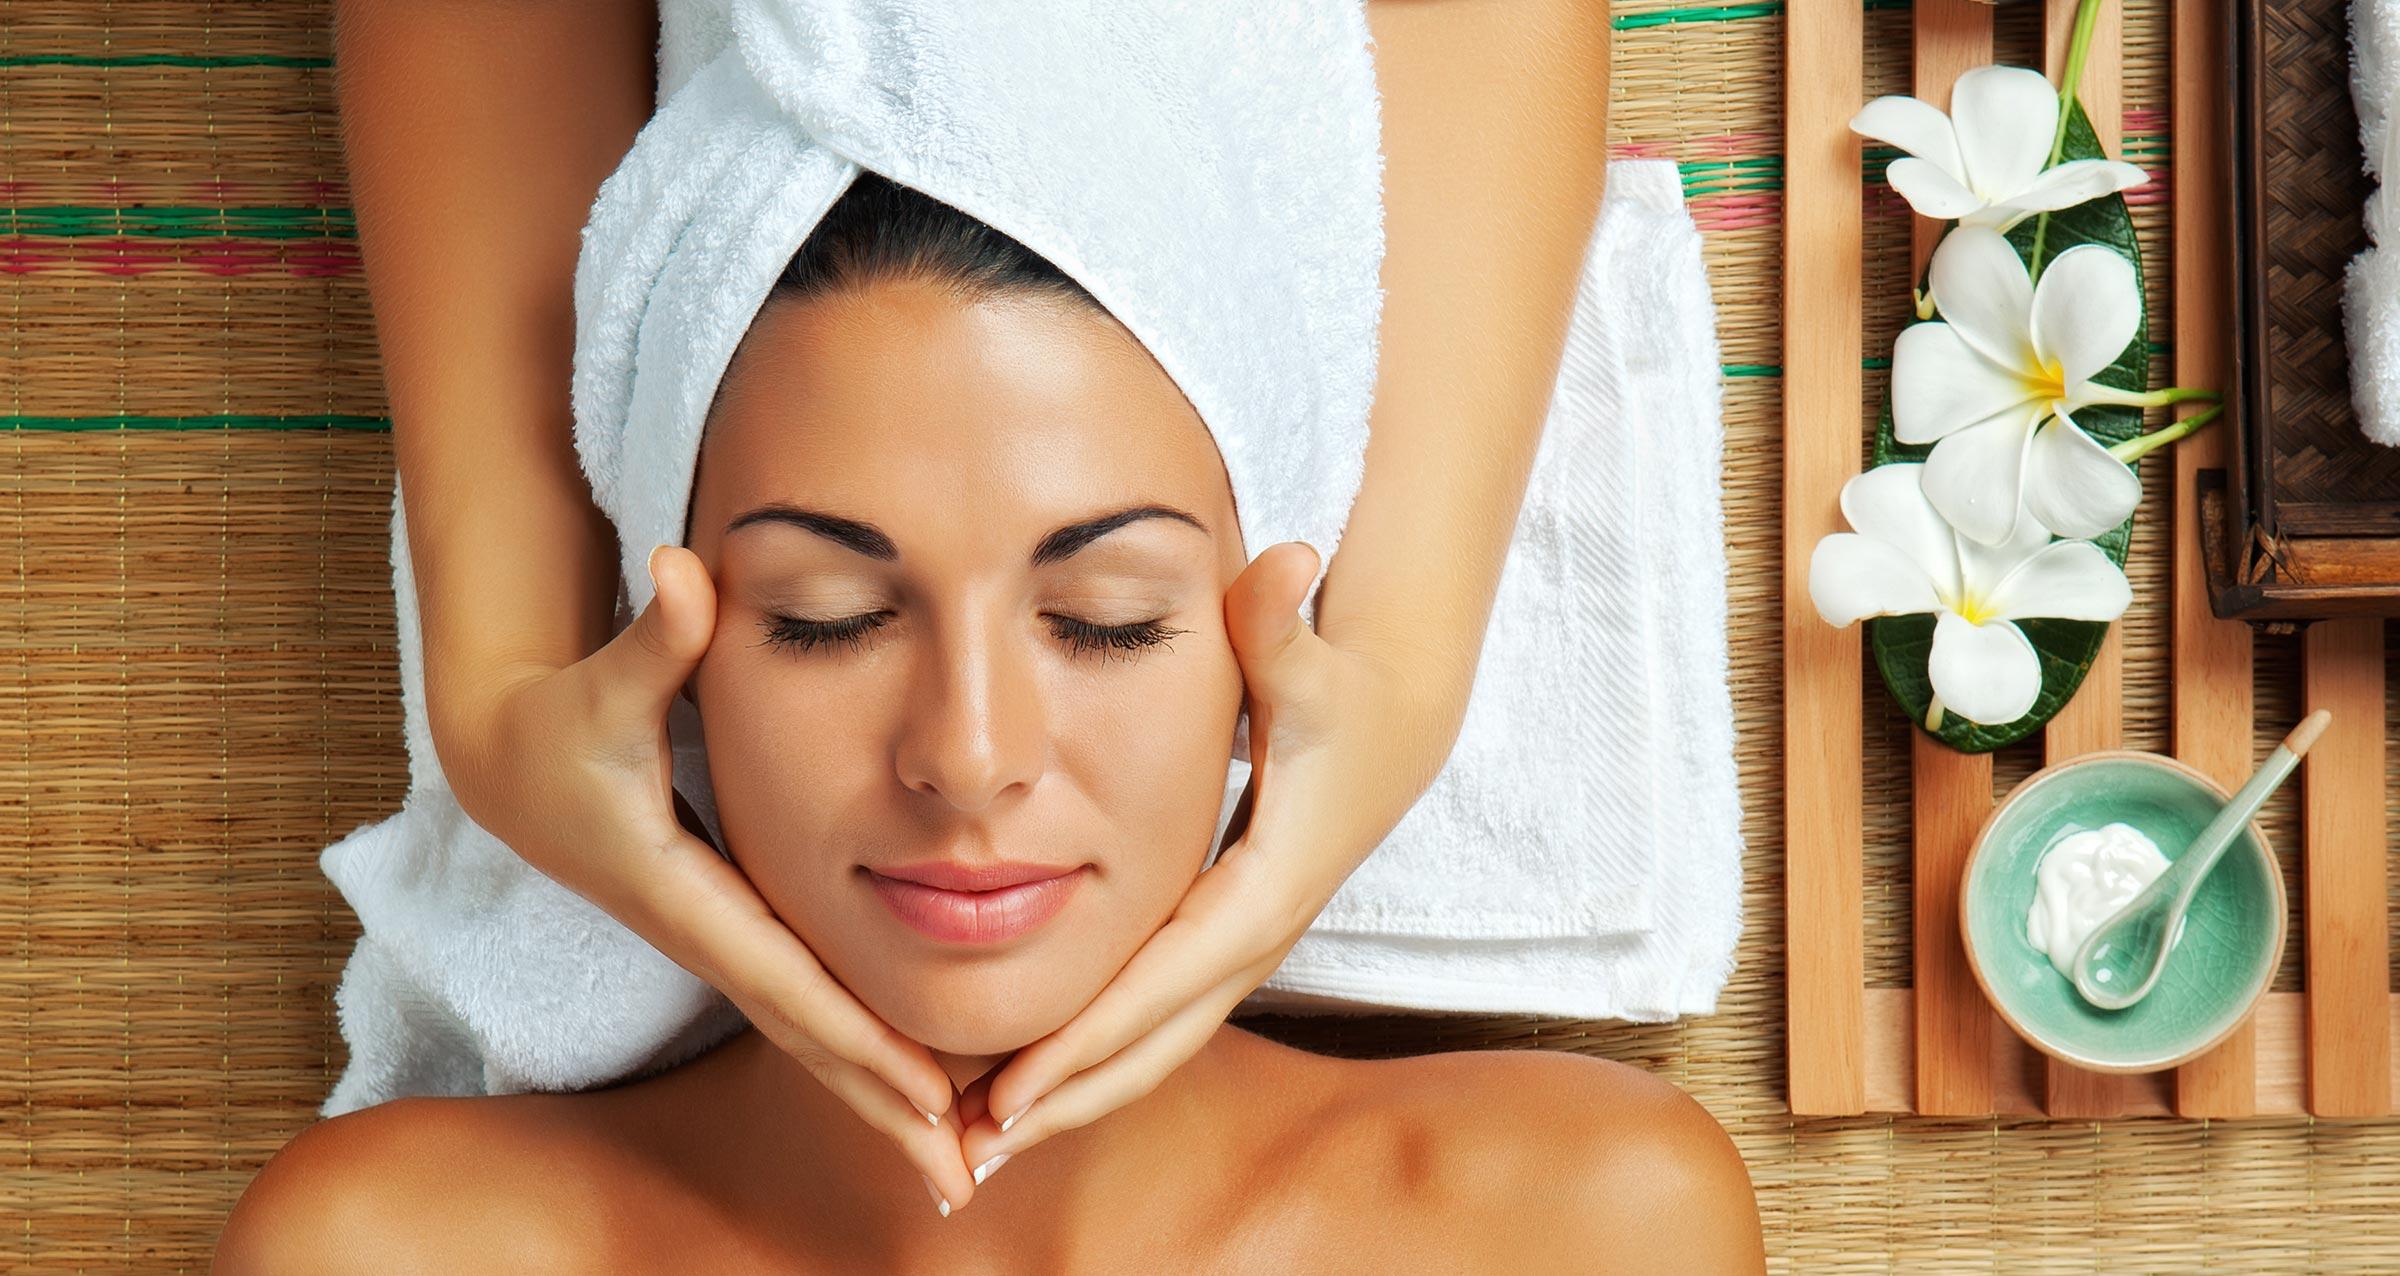 Le mode d'emploi du massage érotique